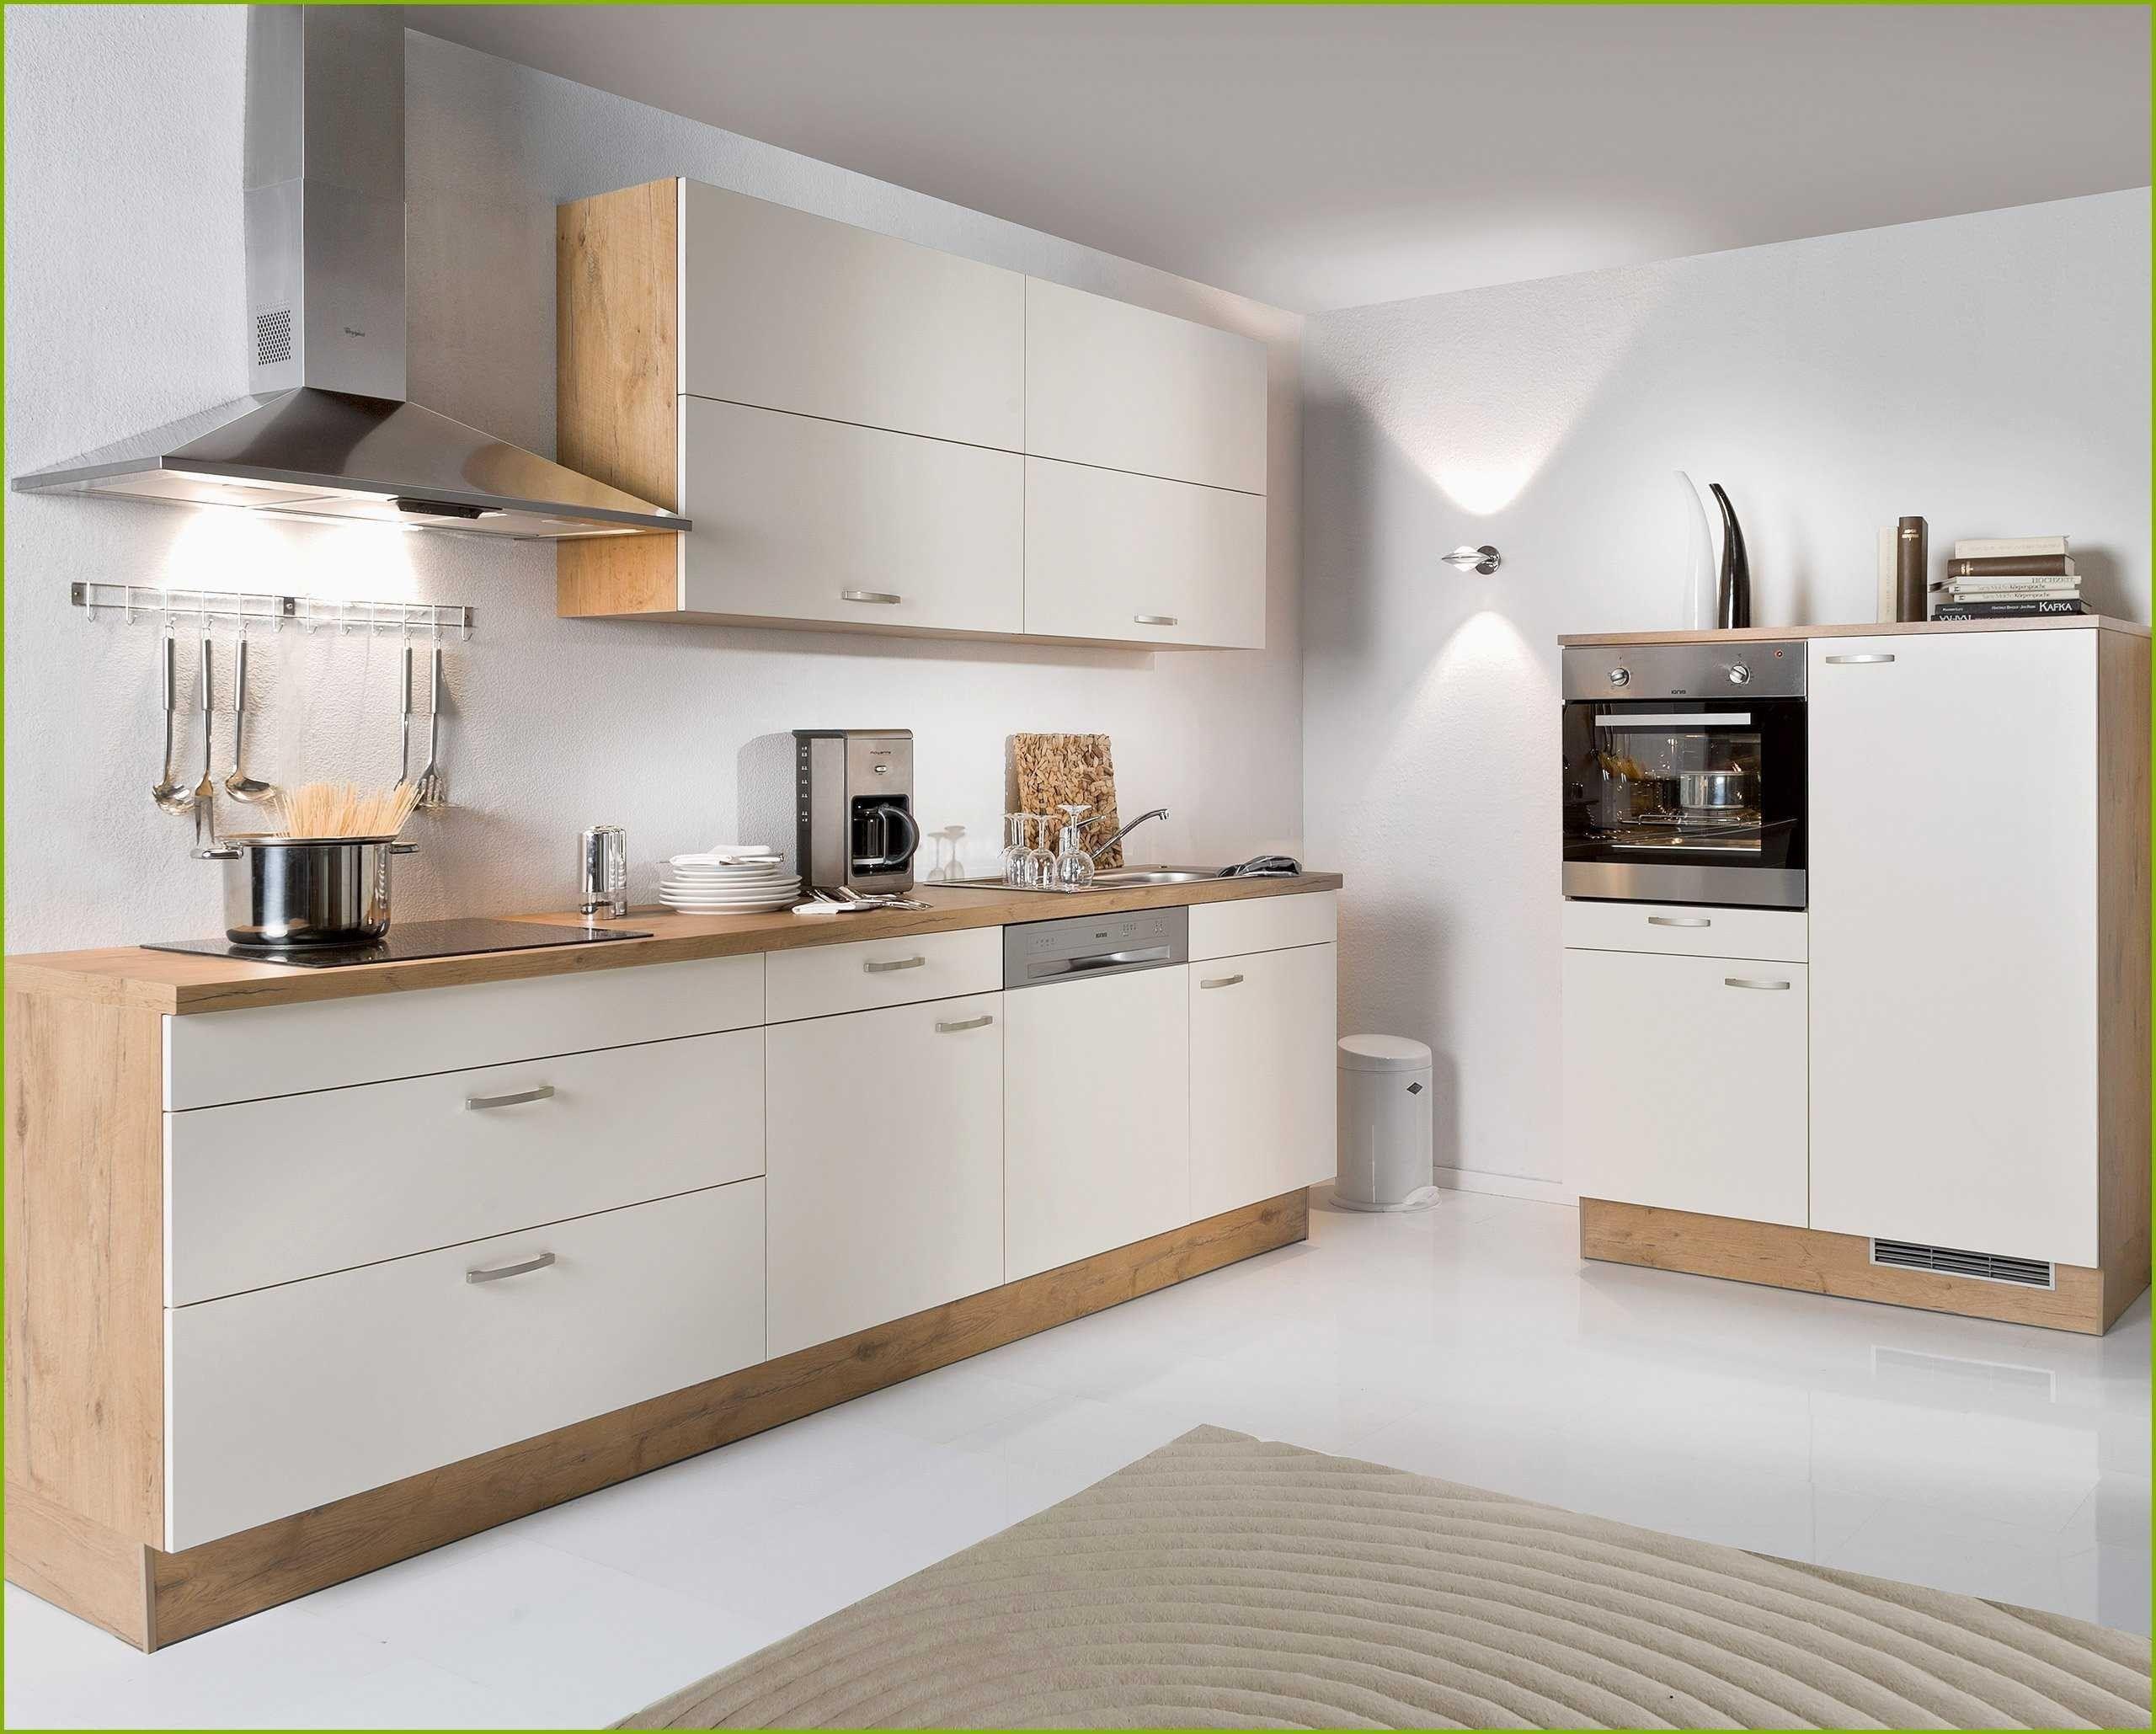 Full Size of Nolte Arbeitsplatte Java Schiefer Küche Sideboard Mit Betten Arbeitsplatten Schlafzimmer Wohnzimmer Nolte Arbeitsplatte Java Schiefer